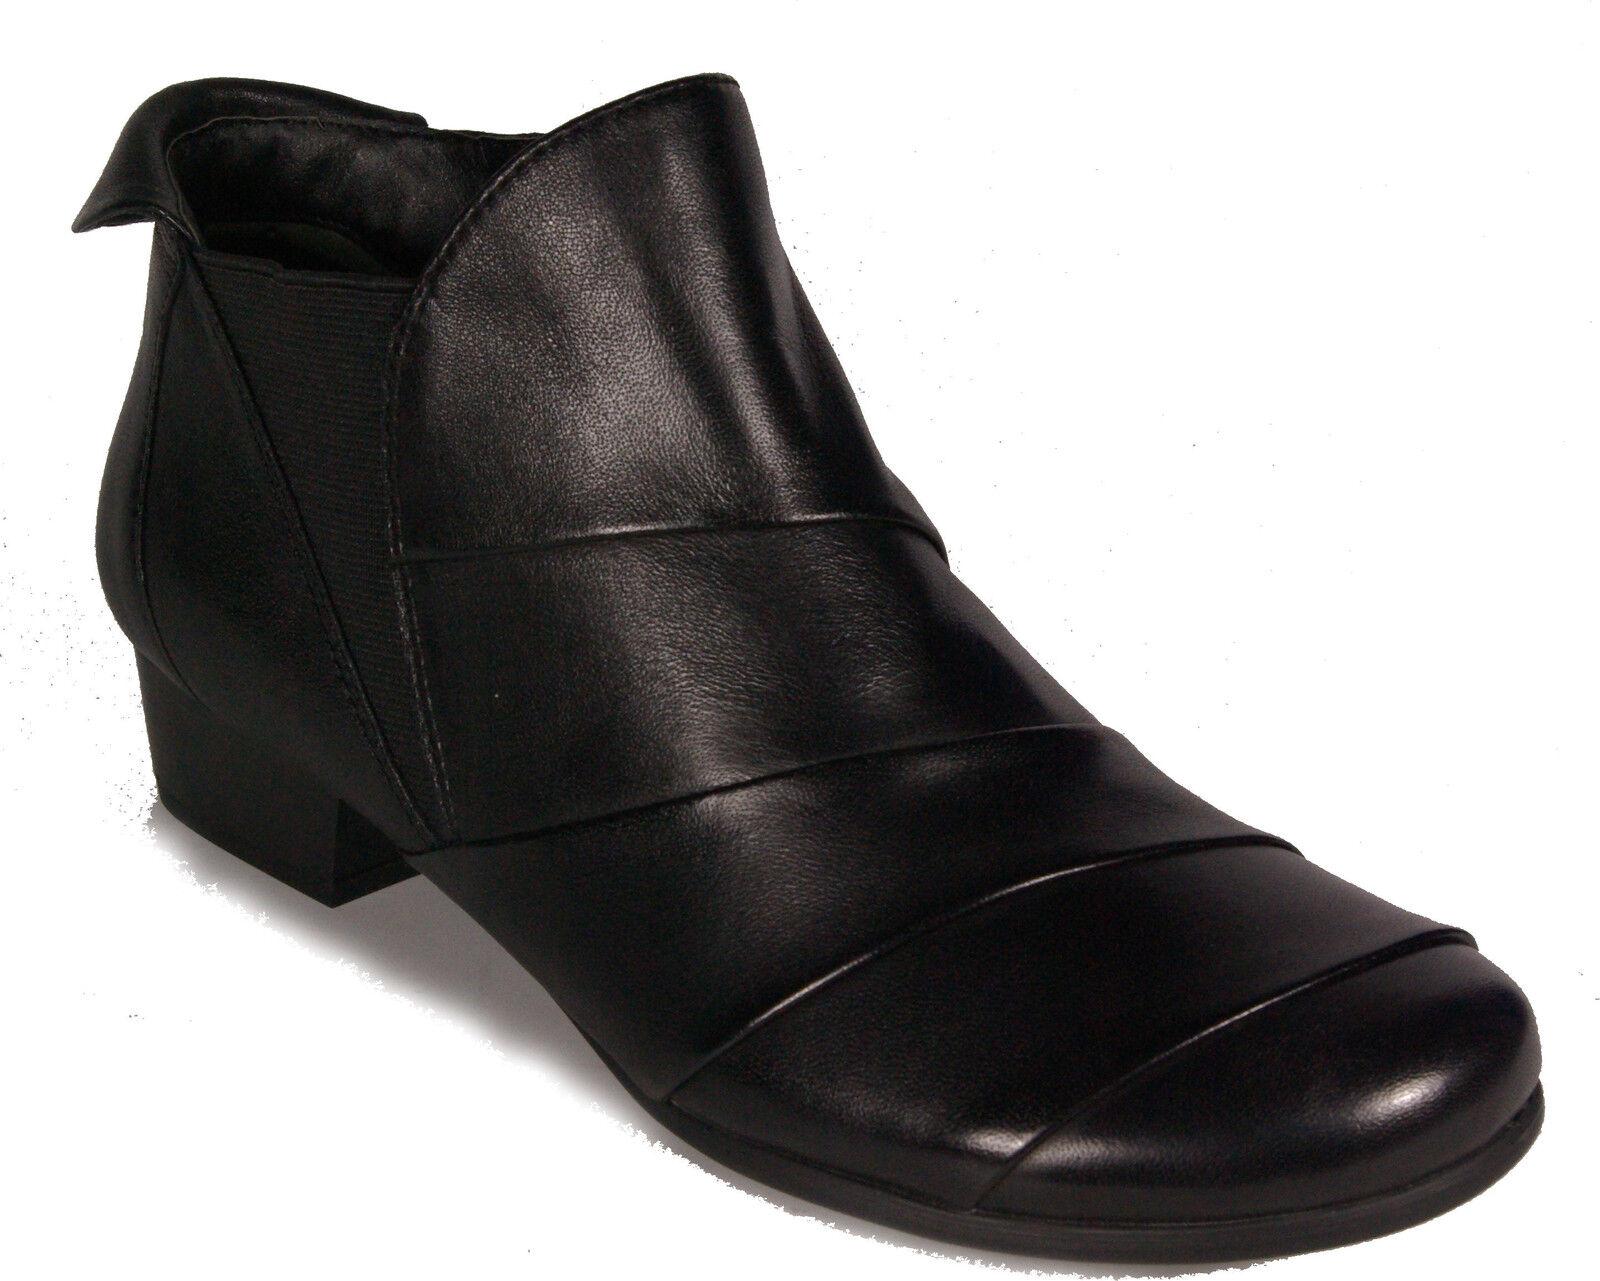 CAPRICE Schuhe City Stiefeletten Schwarz echt echt echt Leder Reißverschluss NEU e50b44